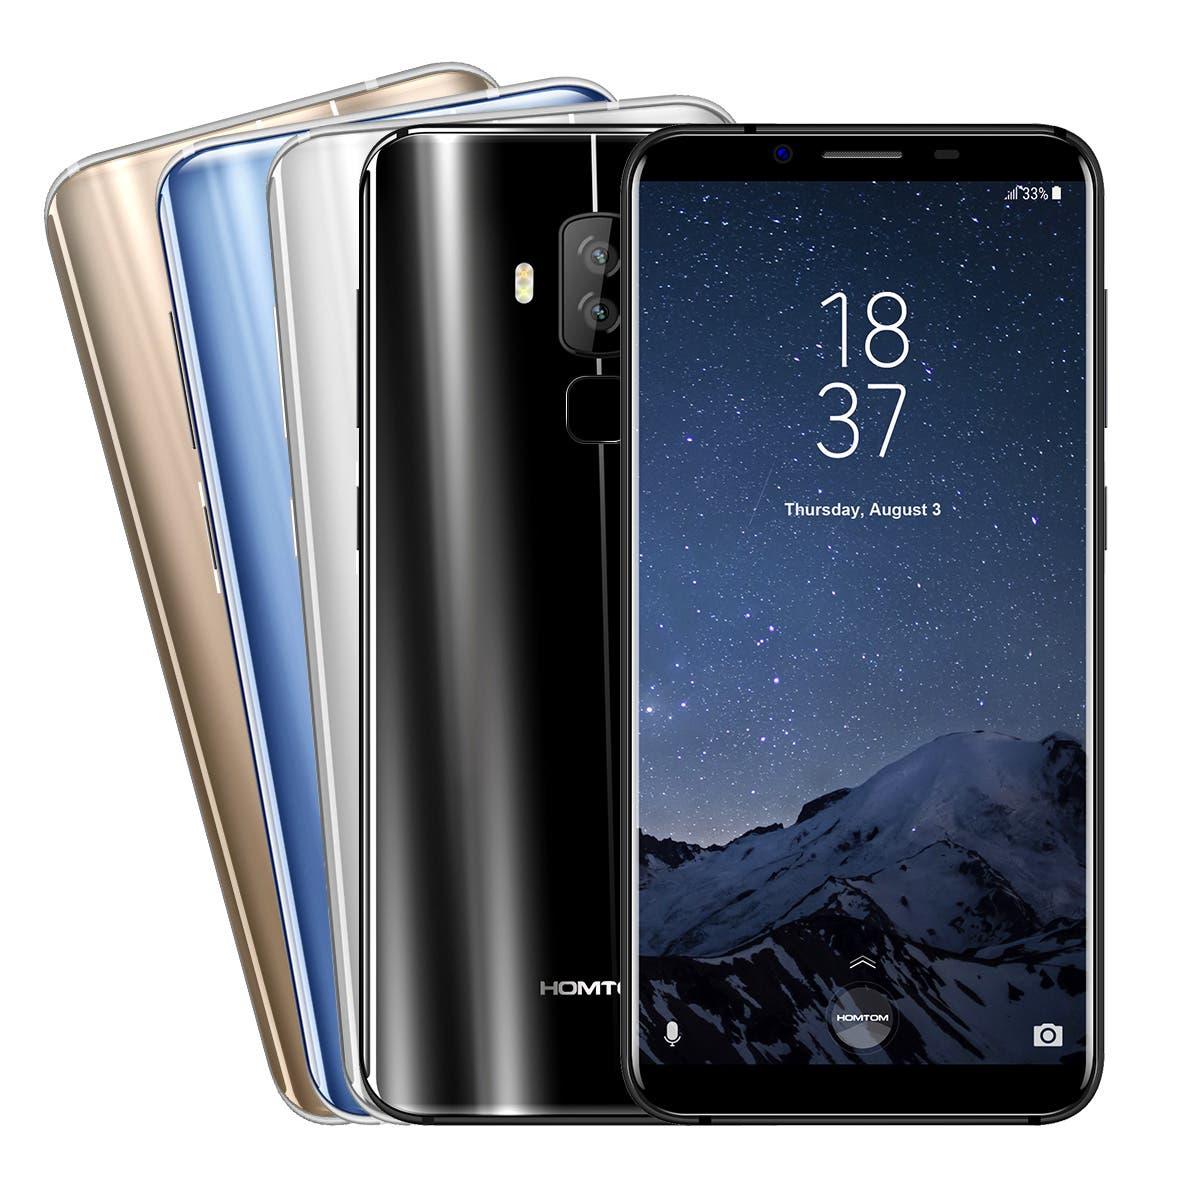 گوشی موبایل Homtom s8